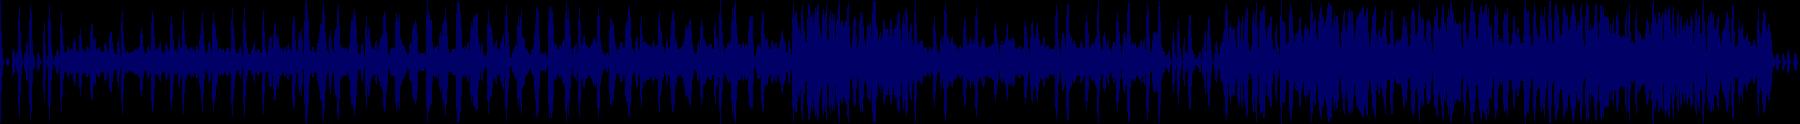 waveform of track #68306